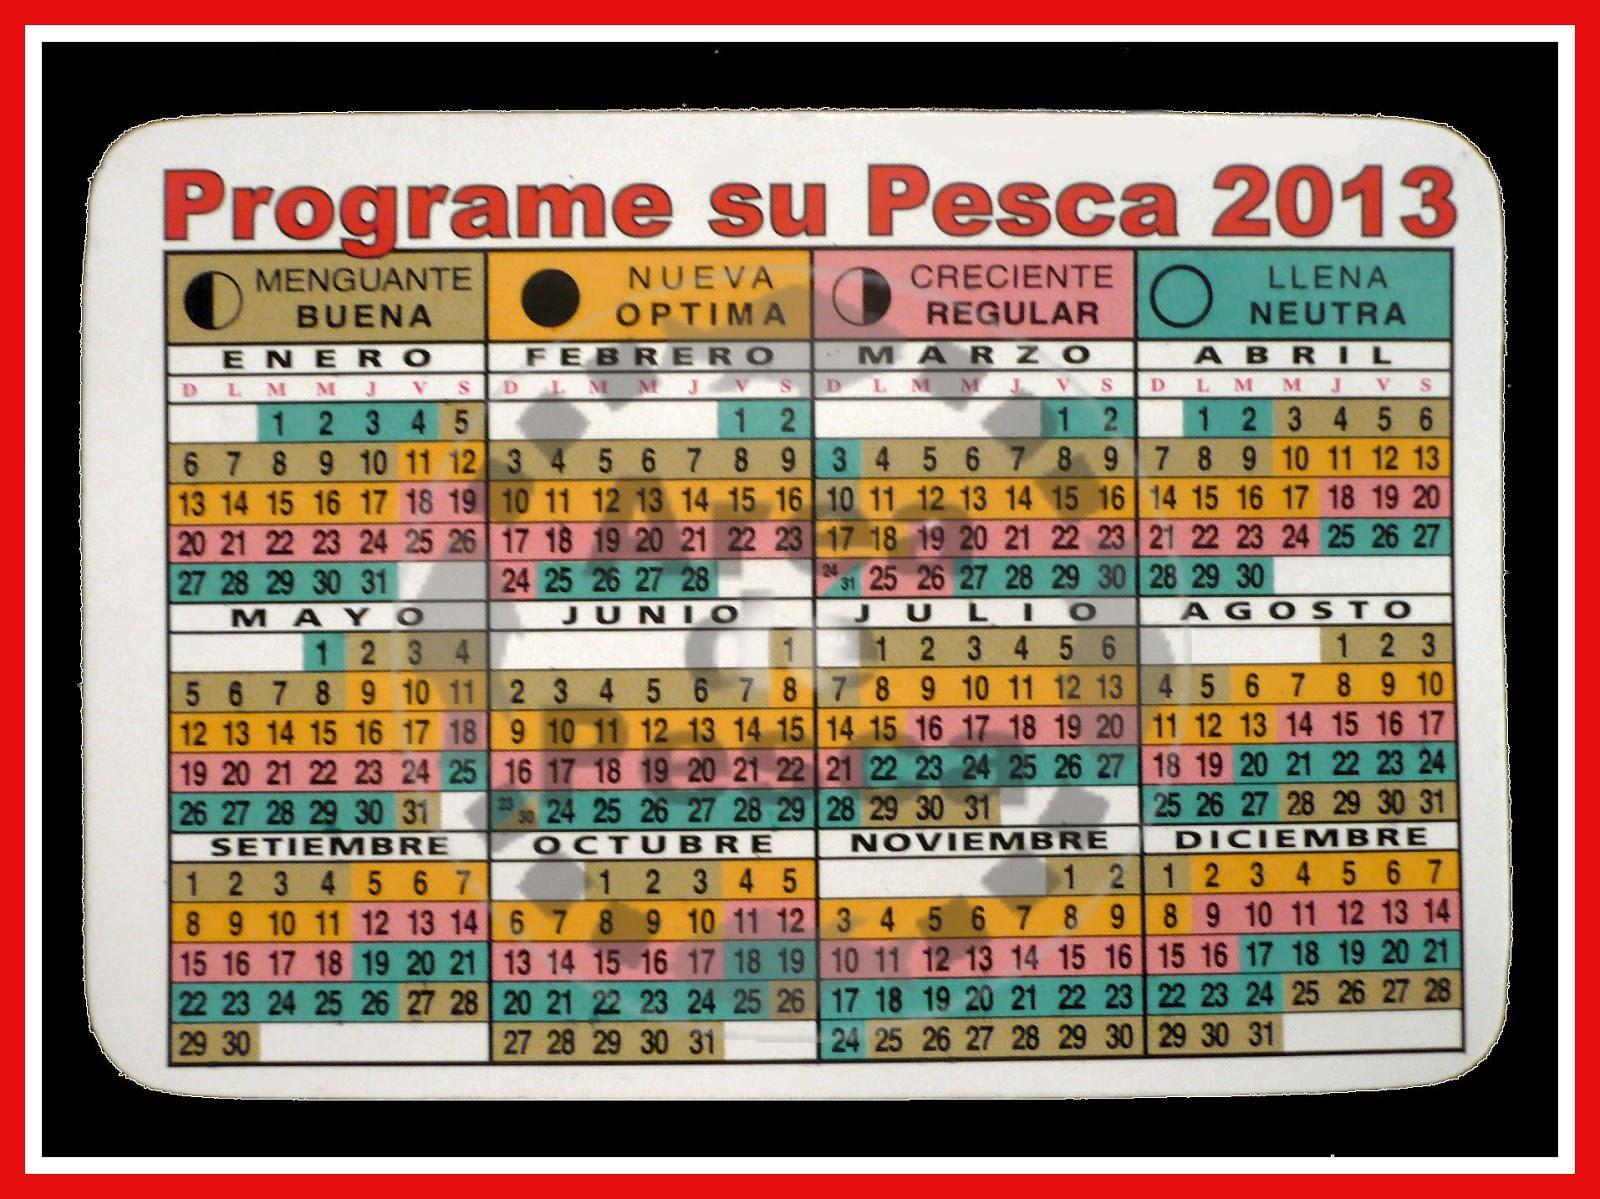 Calendario Solunar De Pesca 2015 Espaa | Search Results | Calendar ...